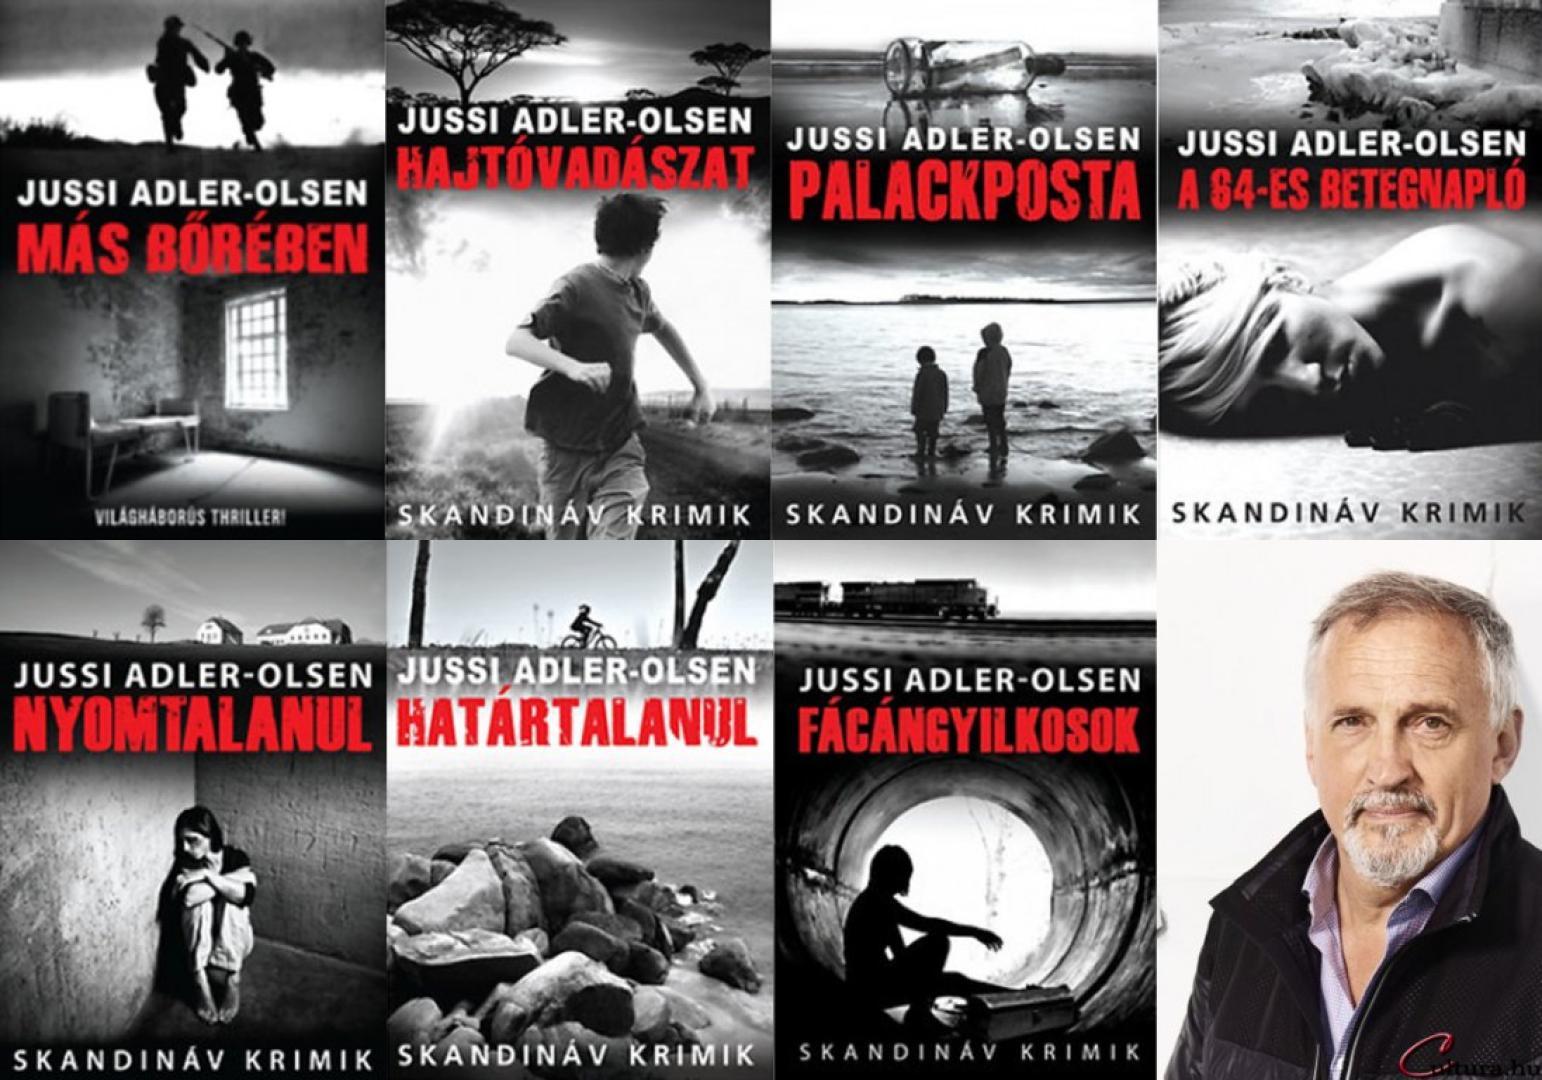 Jussi Adler-Olsen: Palackposta (2009)